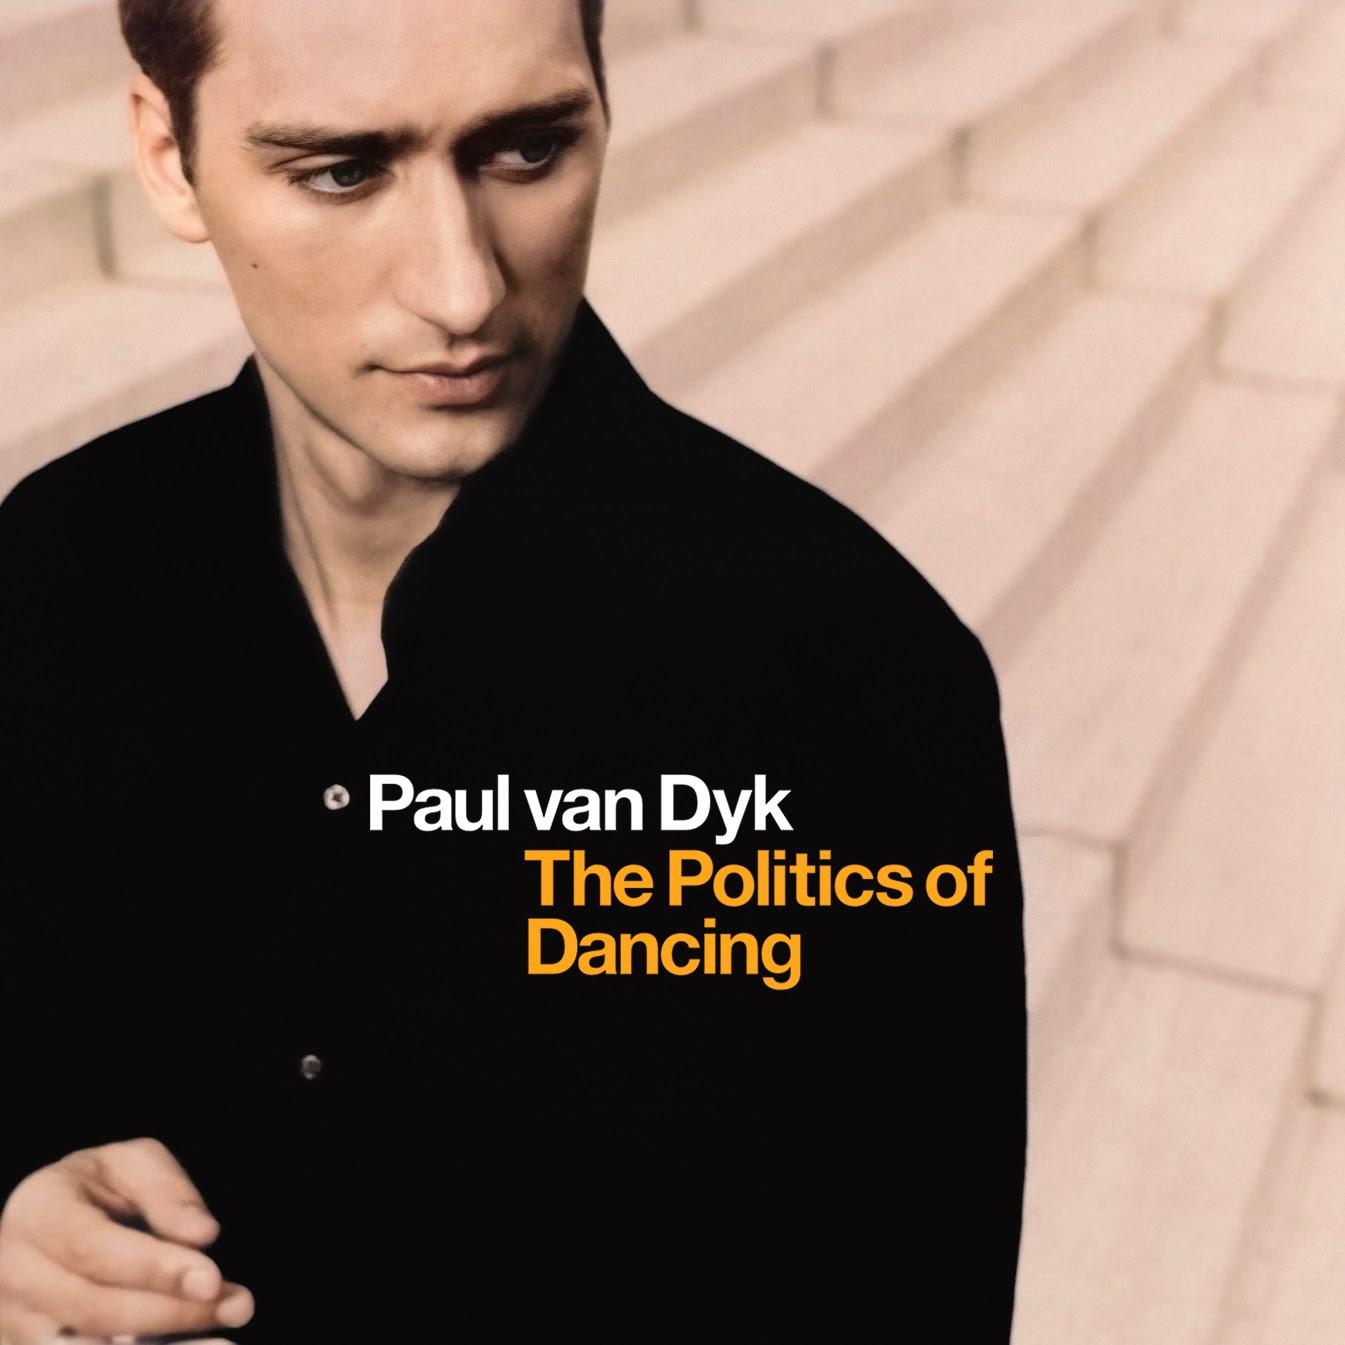 Album Artist: Paul van Dyk / Album Title: The Politics of Dancing [Square Album Art]